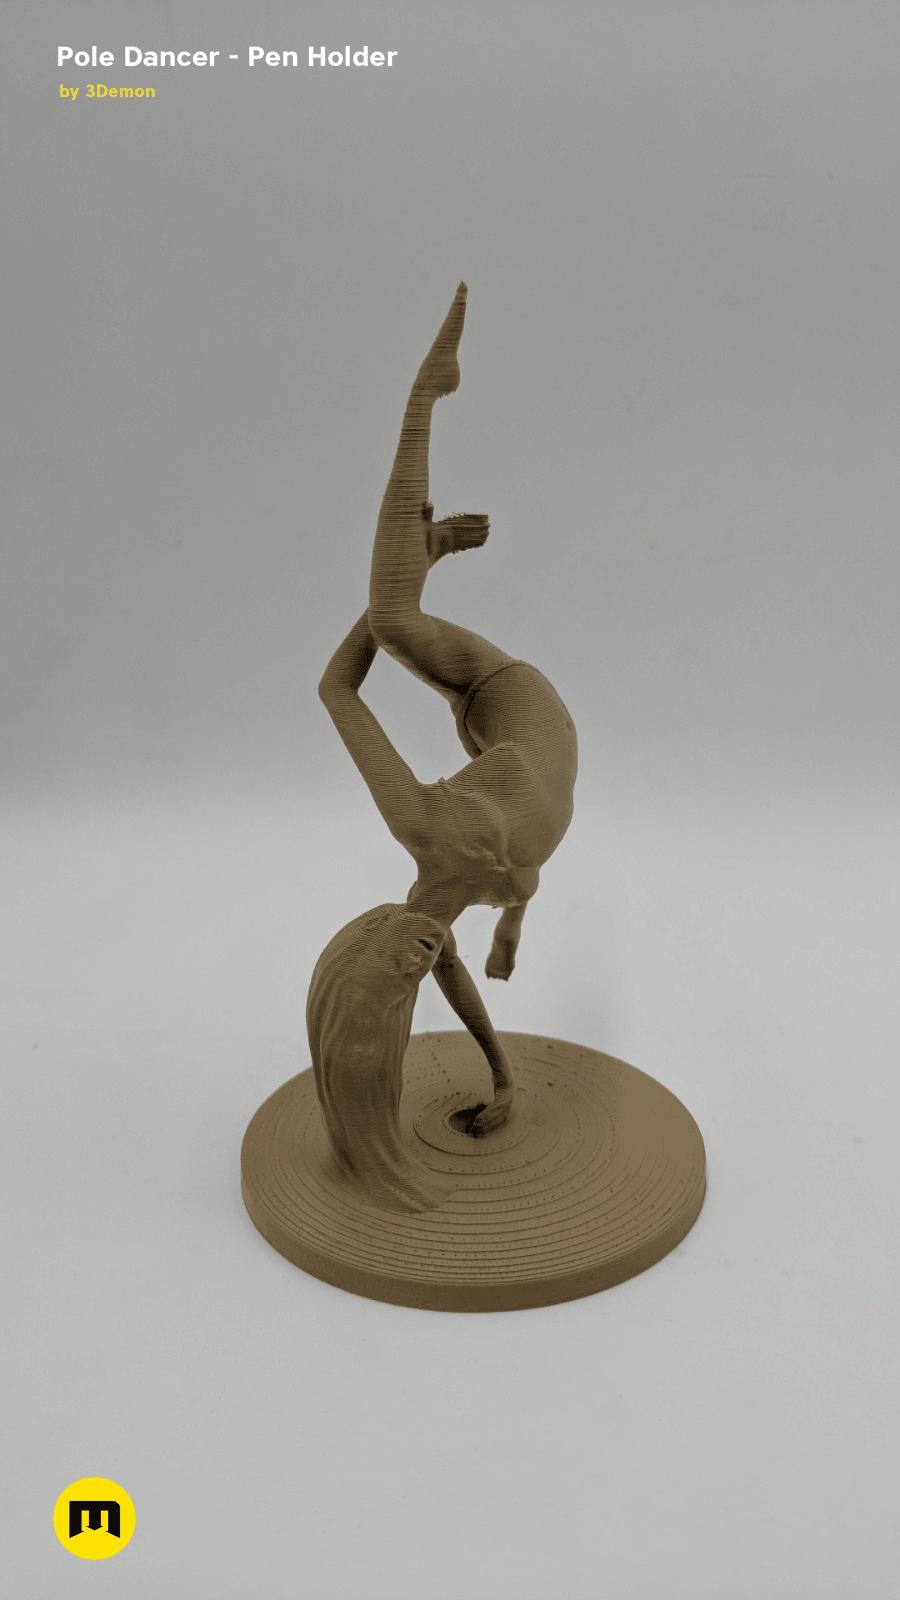 IMG_20190219_154845.png Download STL file Pole Dancer - Pen Holder • Object to 3D print, 3D-mon